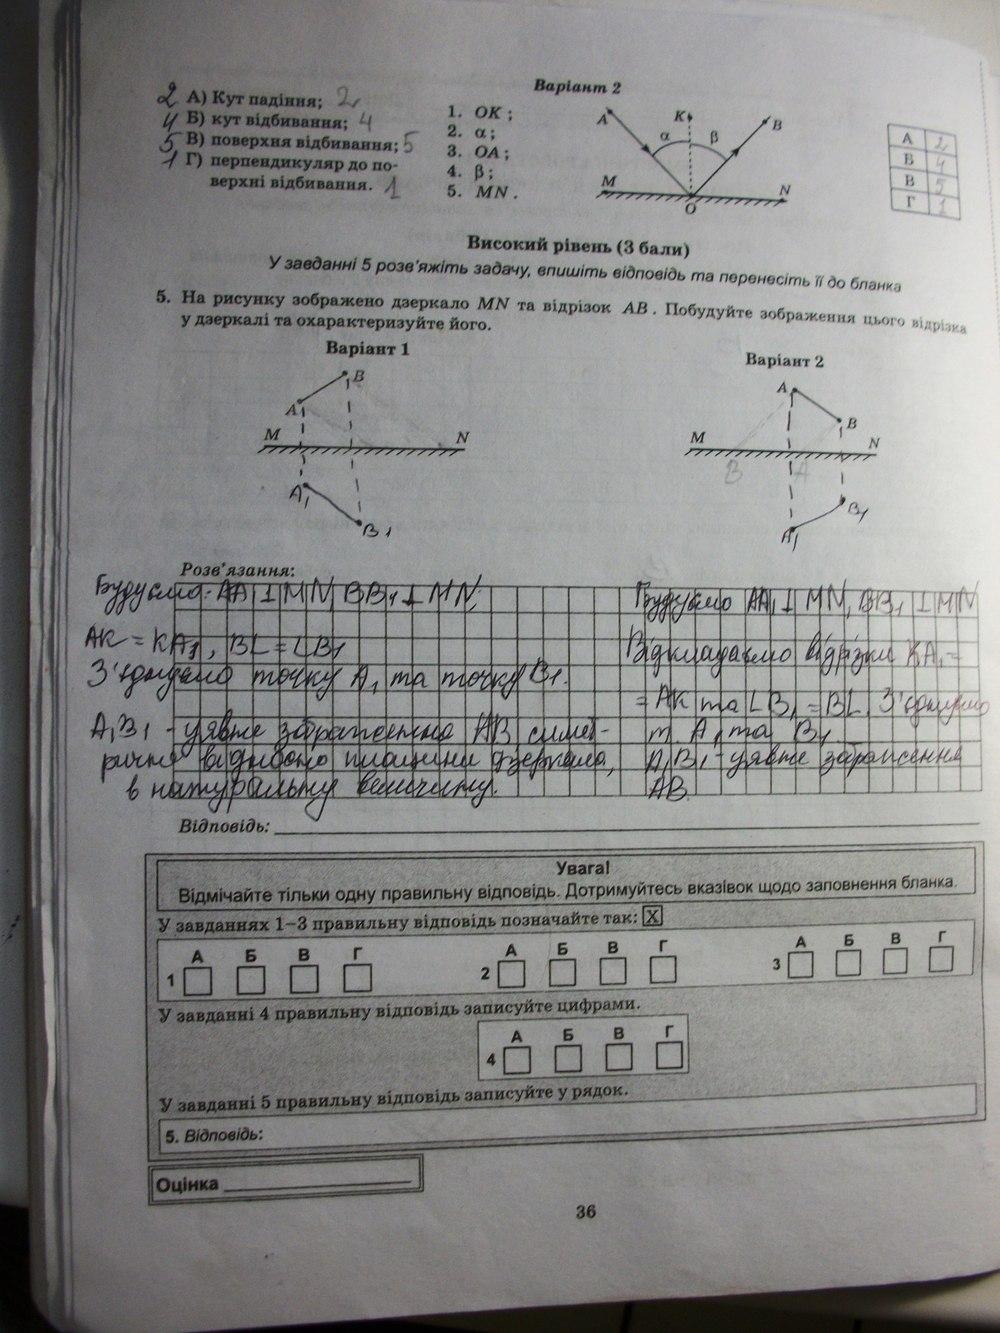 ГДЗ по физике 7 класс Чертіщева М. О.. Задание: стр. 36